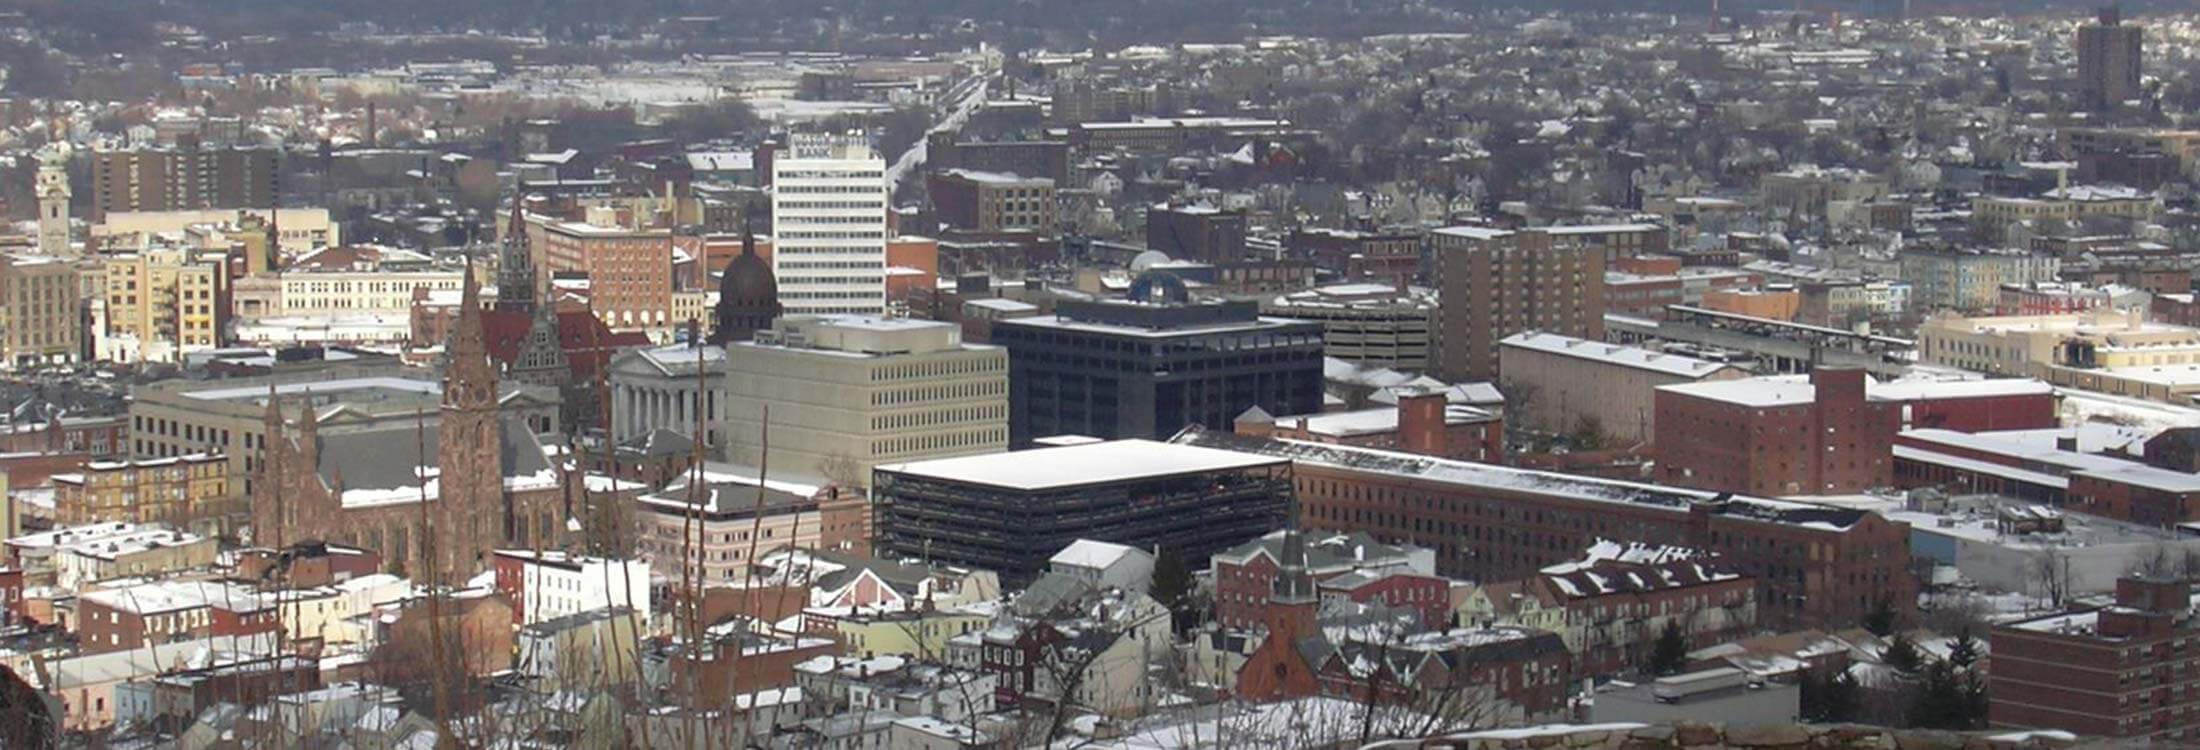 Paterson